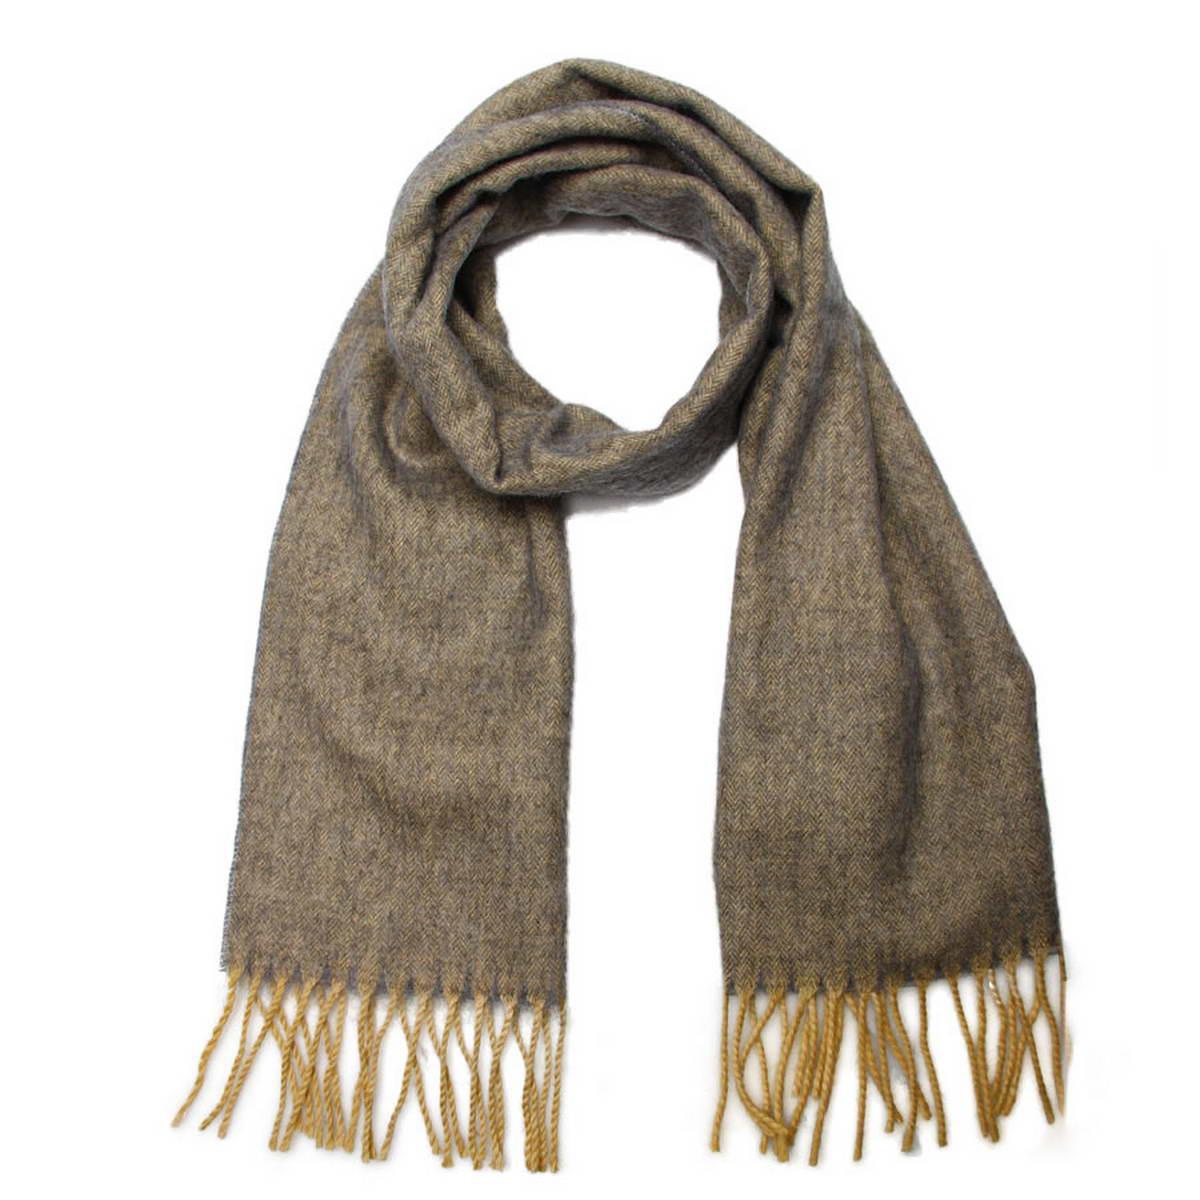 Шарф5001532-2Элегантный мужской шарф Venera согреет вас в холодное время года, а также станет изысканным аксессуаром, который призван подчеркнуть ваш стиль и индивидуальность. Оригинальный теплый шарф выполнен из высококачественной шерстяной пряжи. Однотонный шарф имеет строгую классическую расцветку и дополнен светлыми жгутиками по краю. Такой шарф станет превосходным дополнением к любому наряду, защитит вас от ветра и холода и позволит вам создать свой неповторимый стиль.